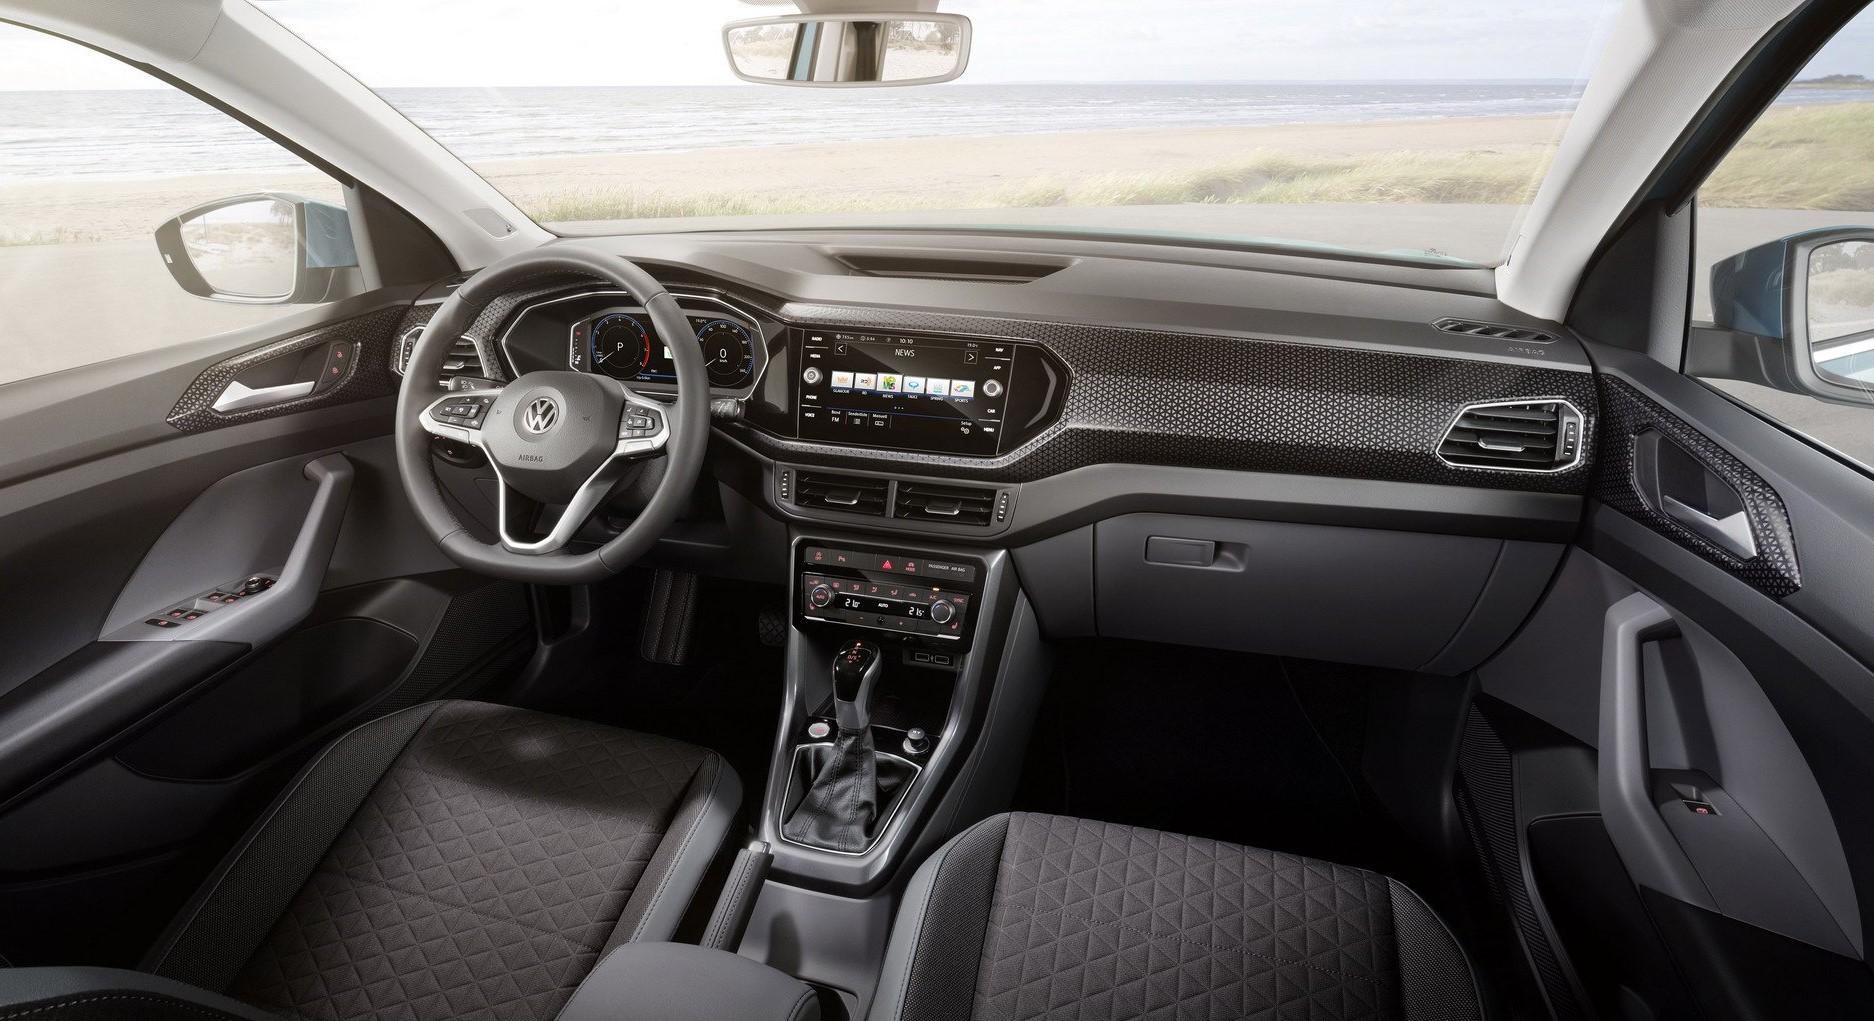 Volkswagen T-Cross cabin